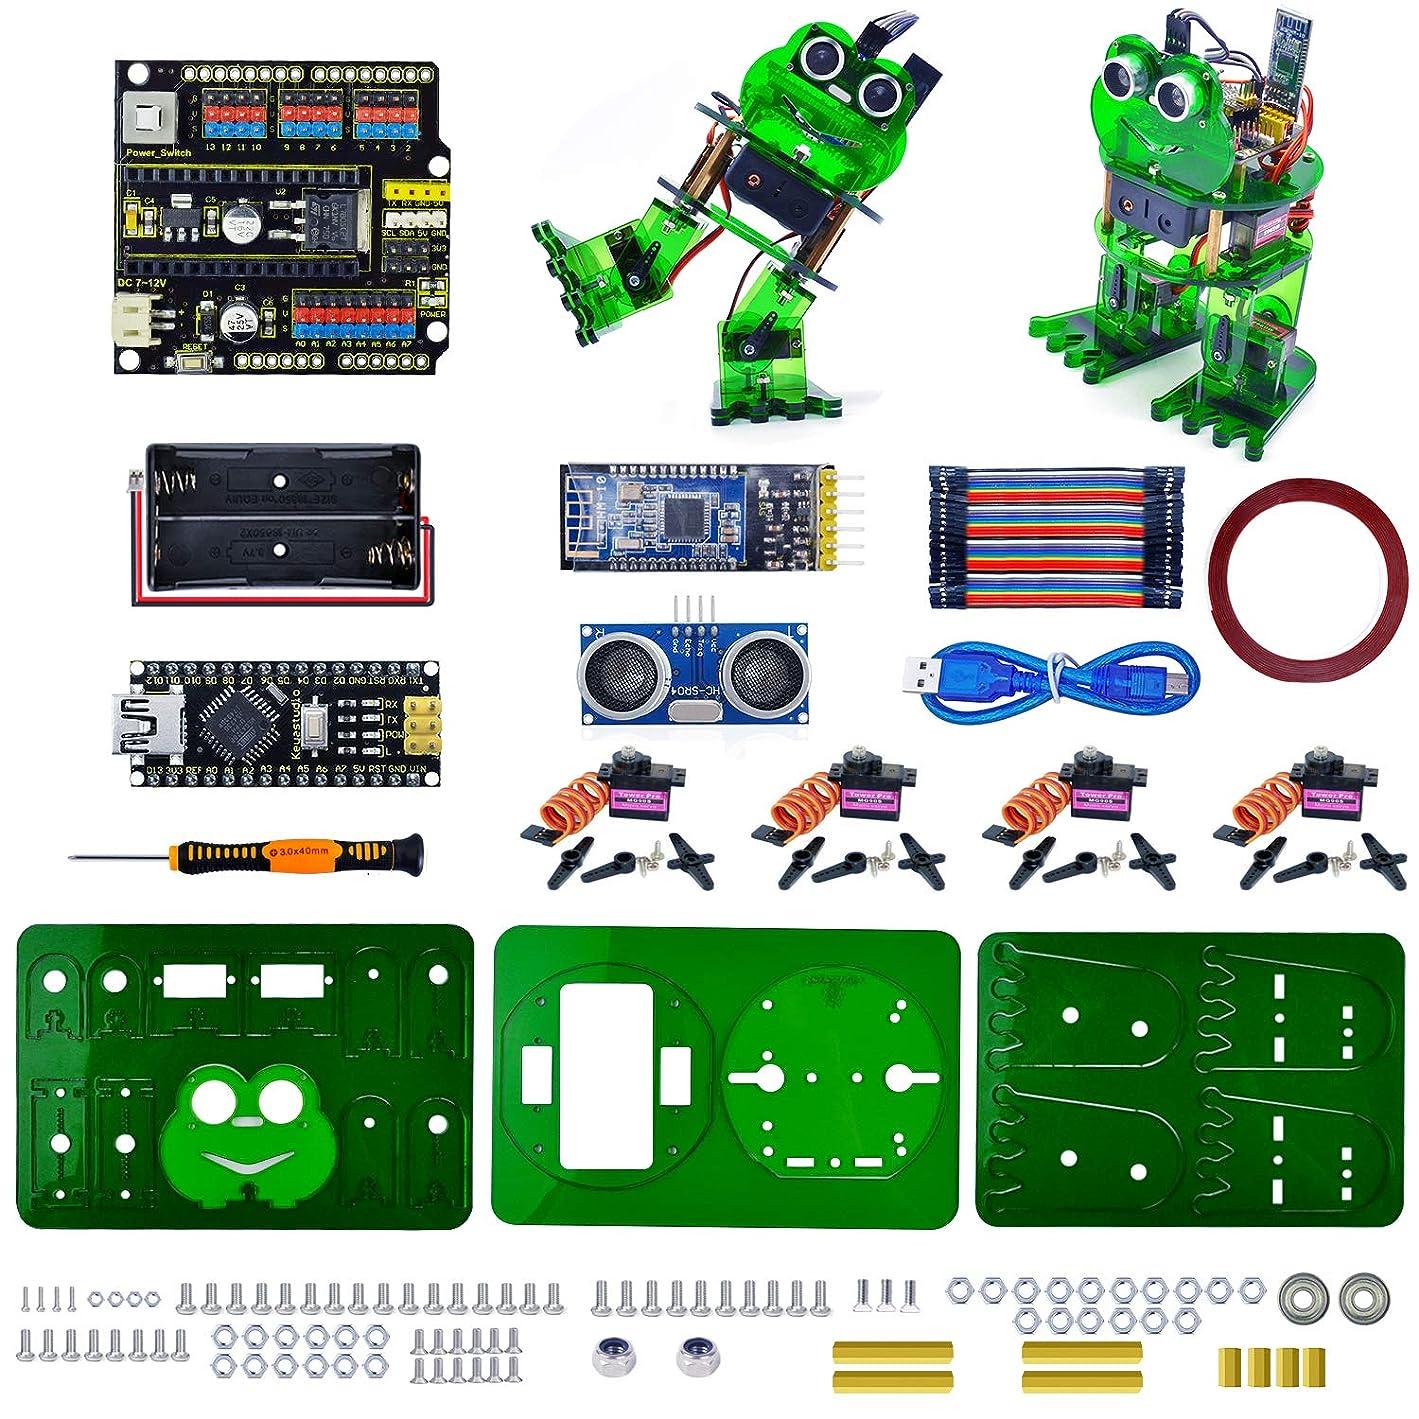 しつけコート粘着性KEYESTUDIO プログラミング ロボット 組み立て スターターキットfor Arduinoと互換性 アルドゥイーノ アルディーノ キット ロボティクス セット 初心者 電子工作 STEM教育 科学実験 おもちゃ 子供と大人向け 知育玩具